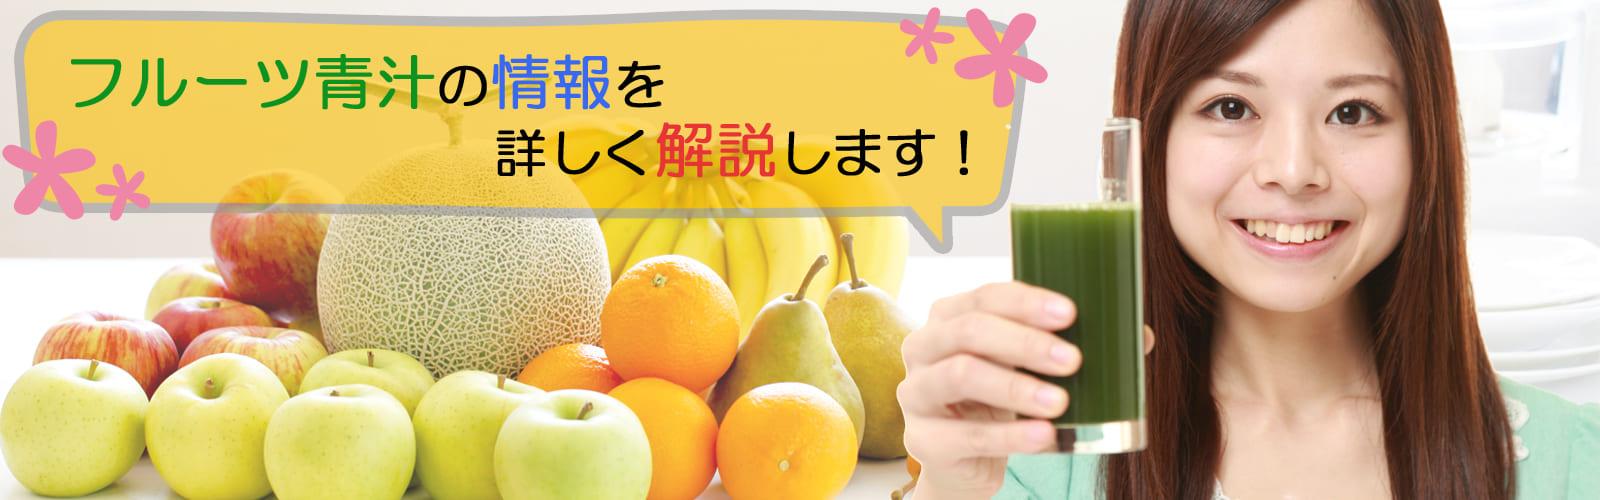 フルーツ青汁おすすめはコレ!口コミで効果が期待できると評判の青汁ランキング